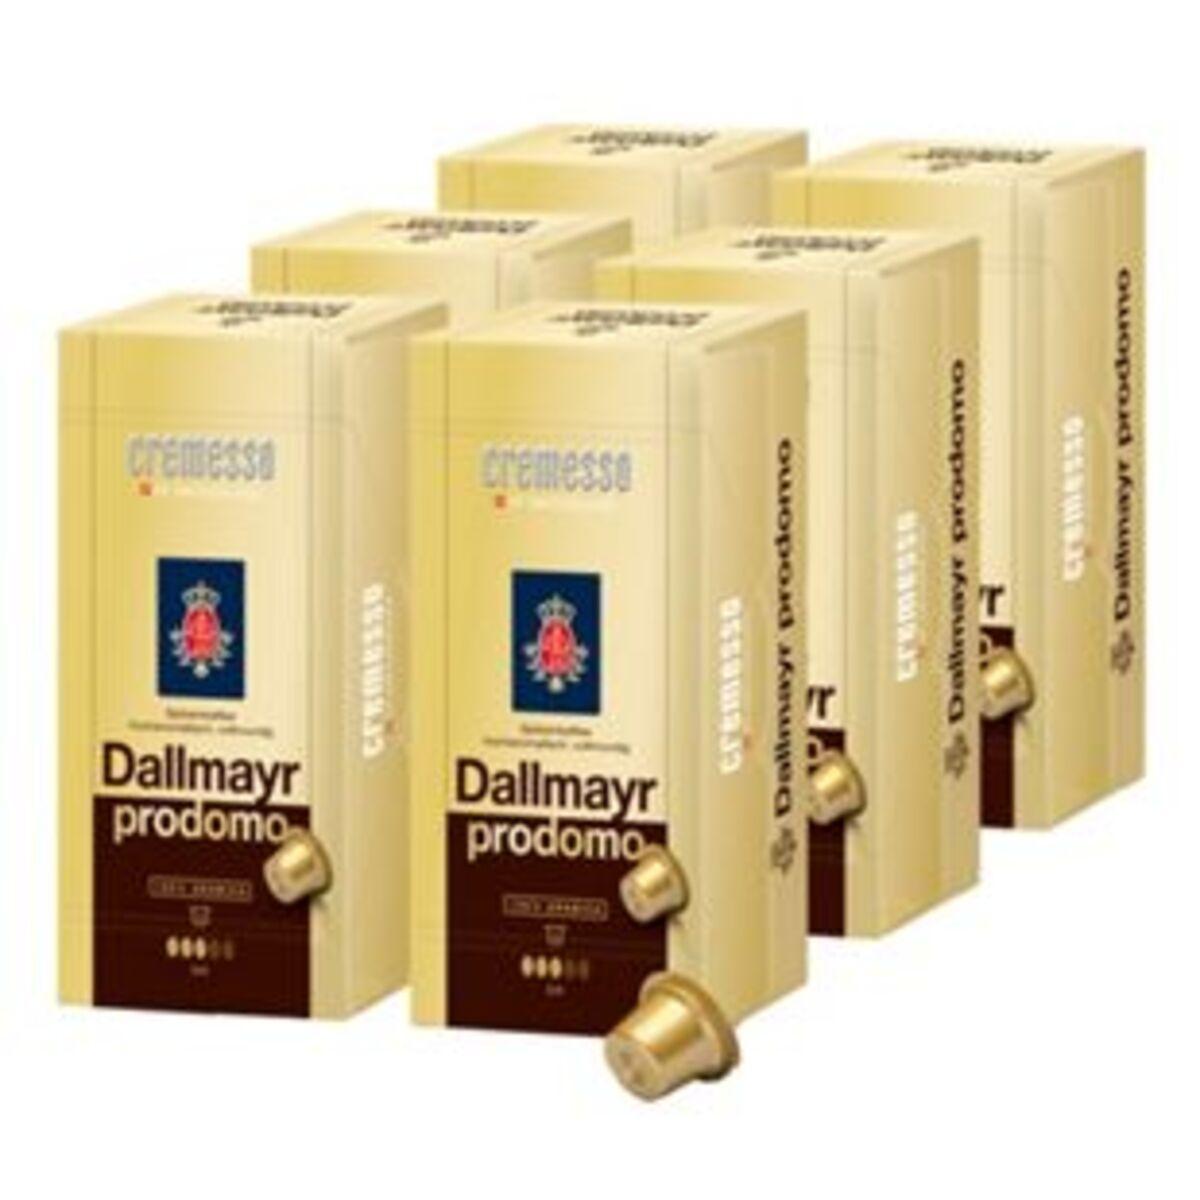 Bild 2 von Cremesso Dallmayr Prodomo Kaffee 91 g, 6er Pack